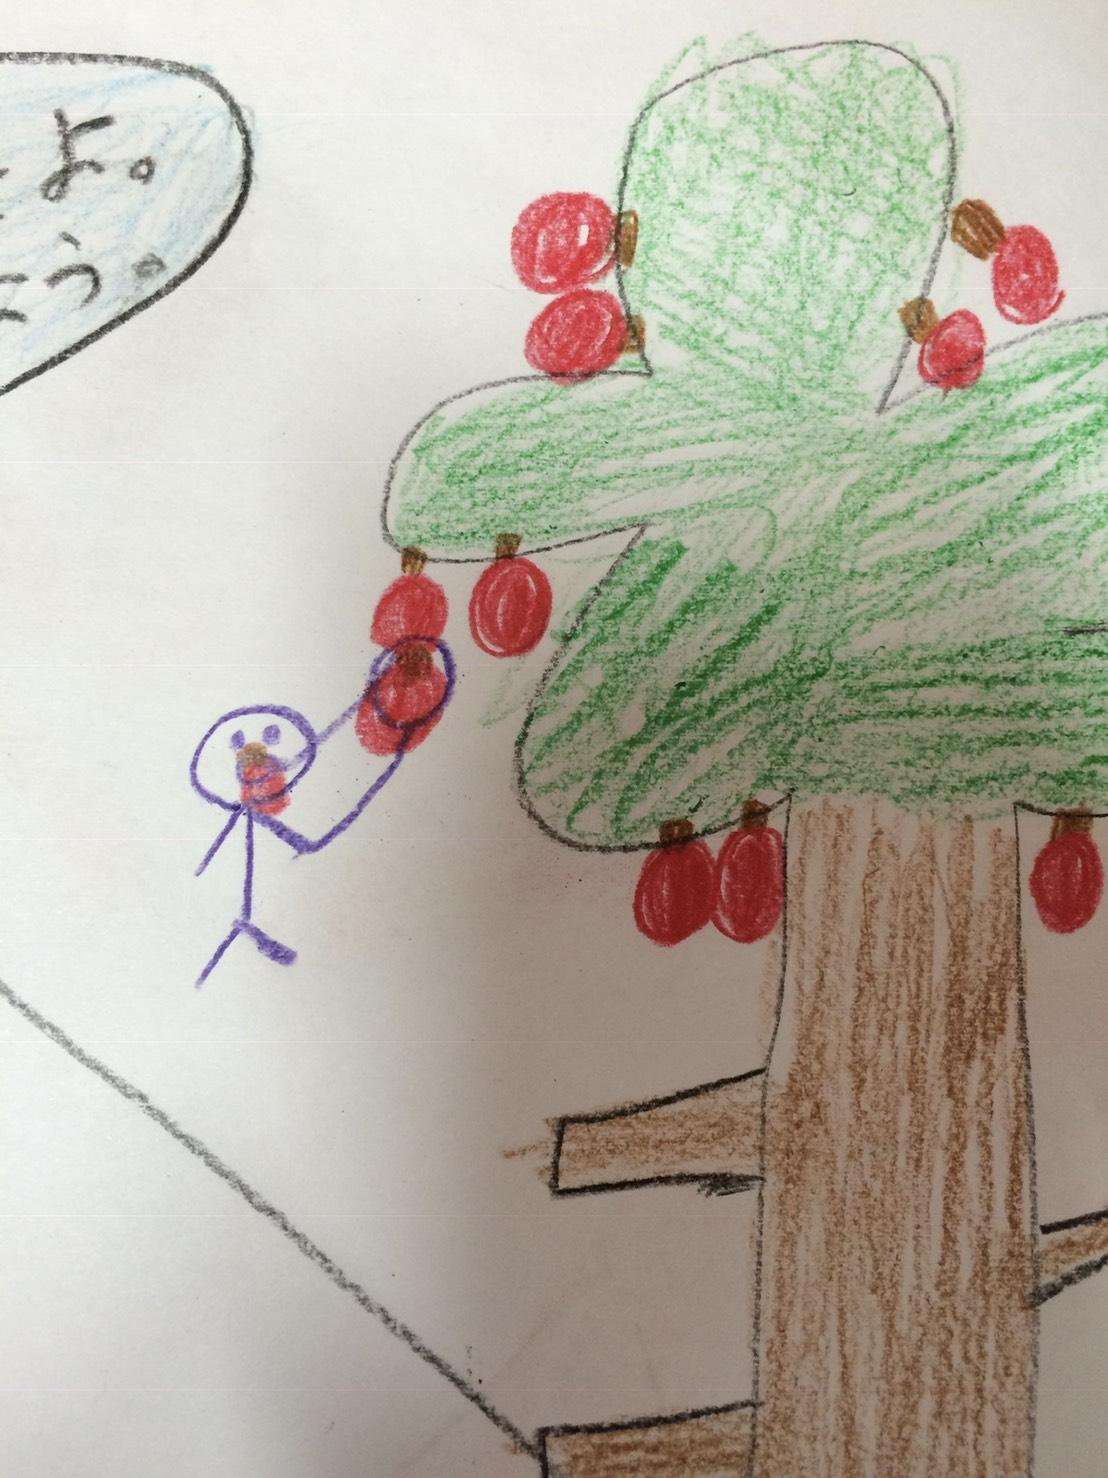 学童支援員時代の僕が書かれた絵です。木になった果物を食べようとする姿が抽象的なタッチで描かれています。